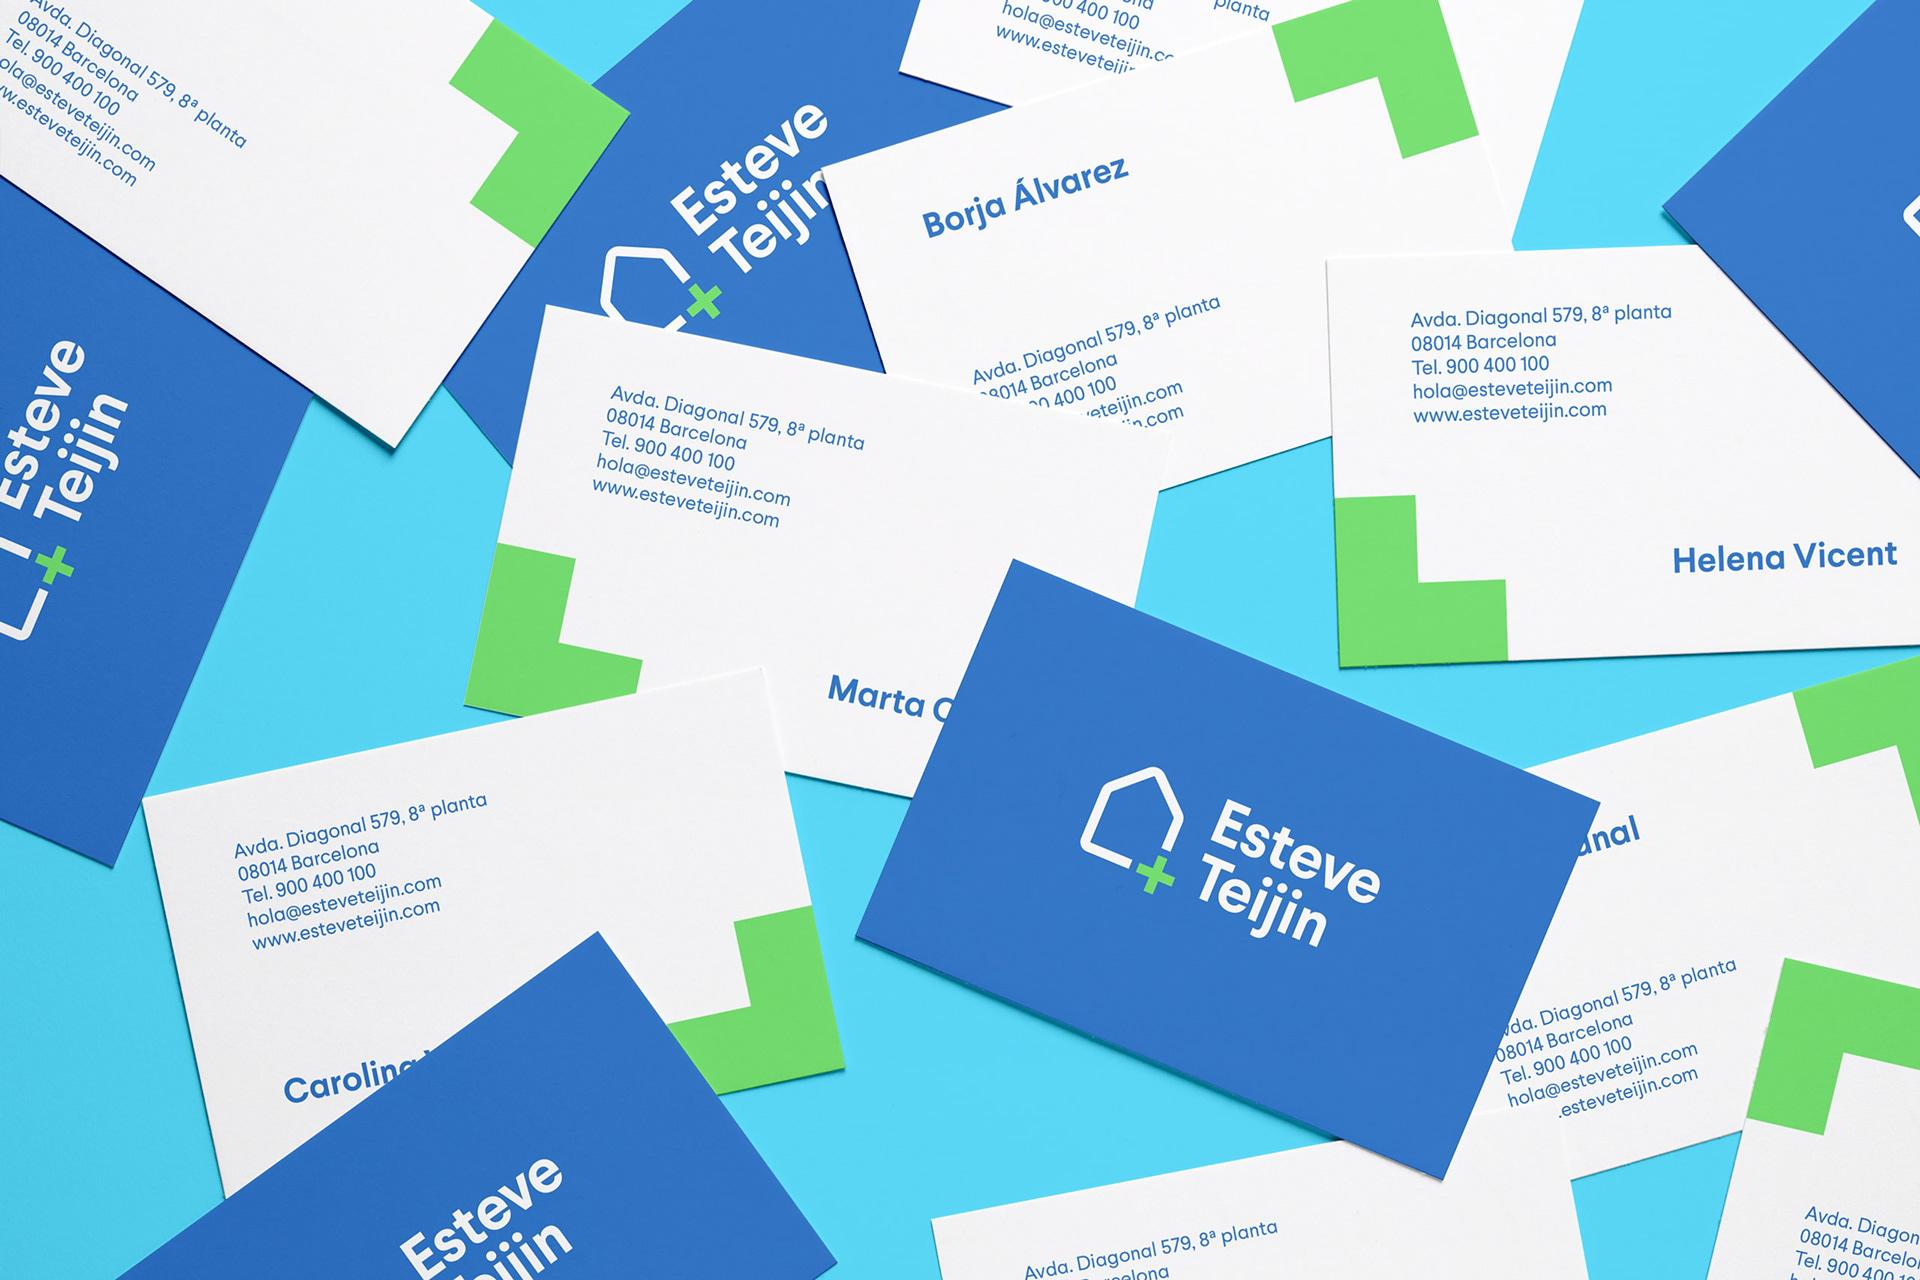 家庭健康治疗品牌Esteve Teijin的品牌VI设计欣赏-深圳VI设计2